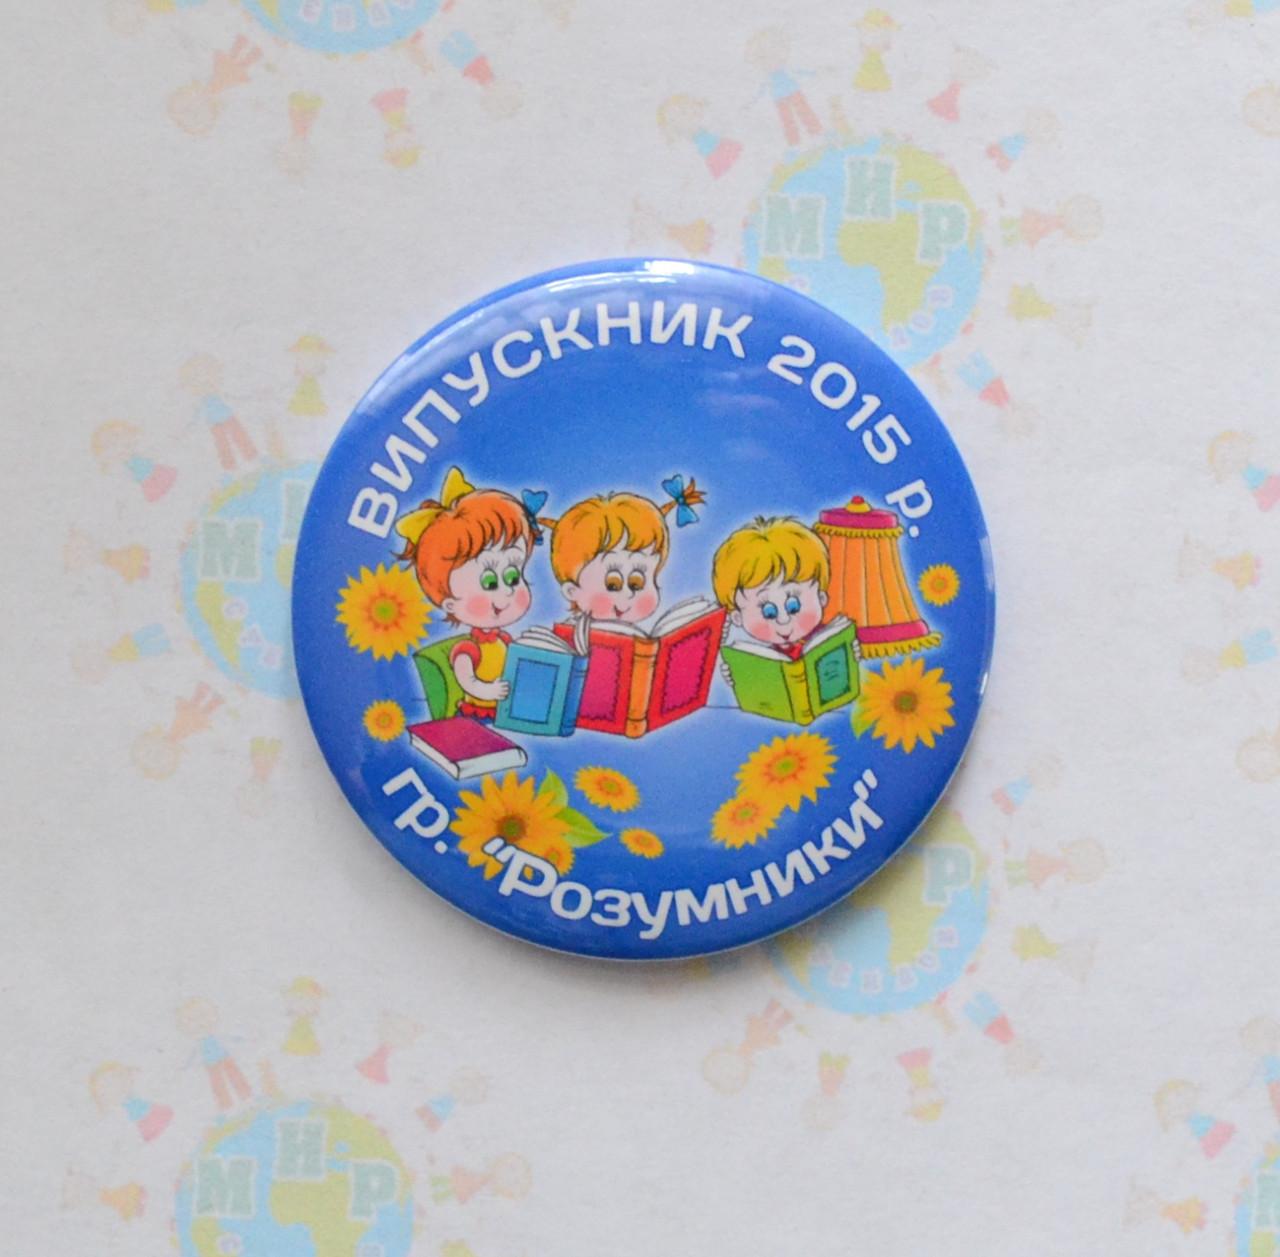 Значки Для выпускников детского сада группы Розумники